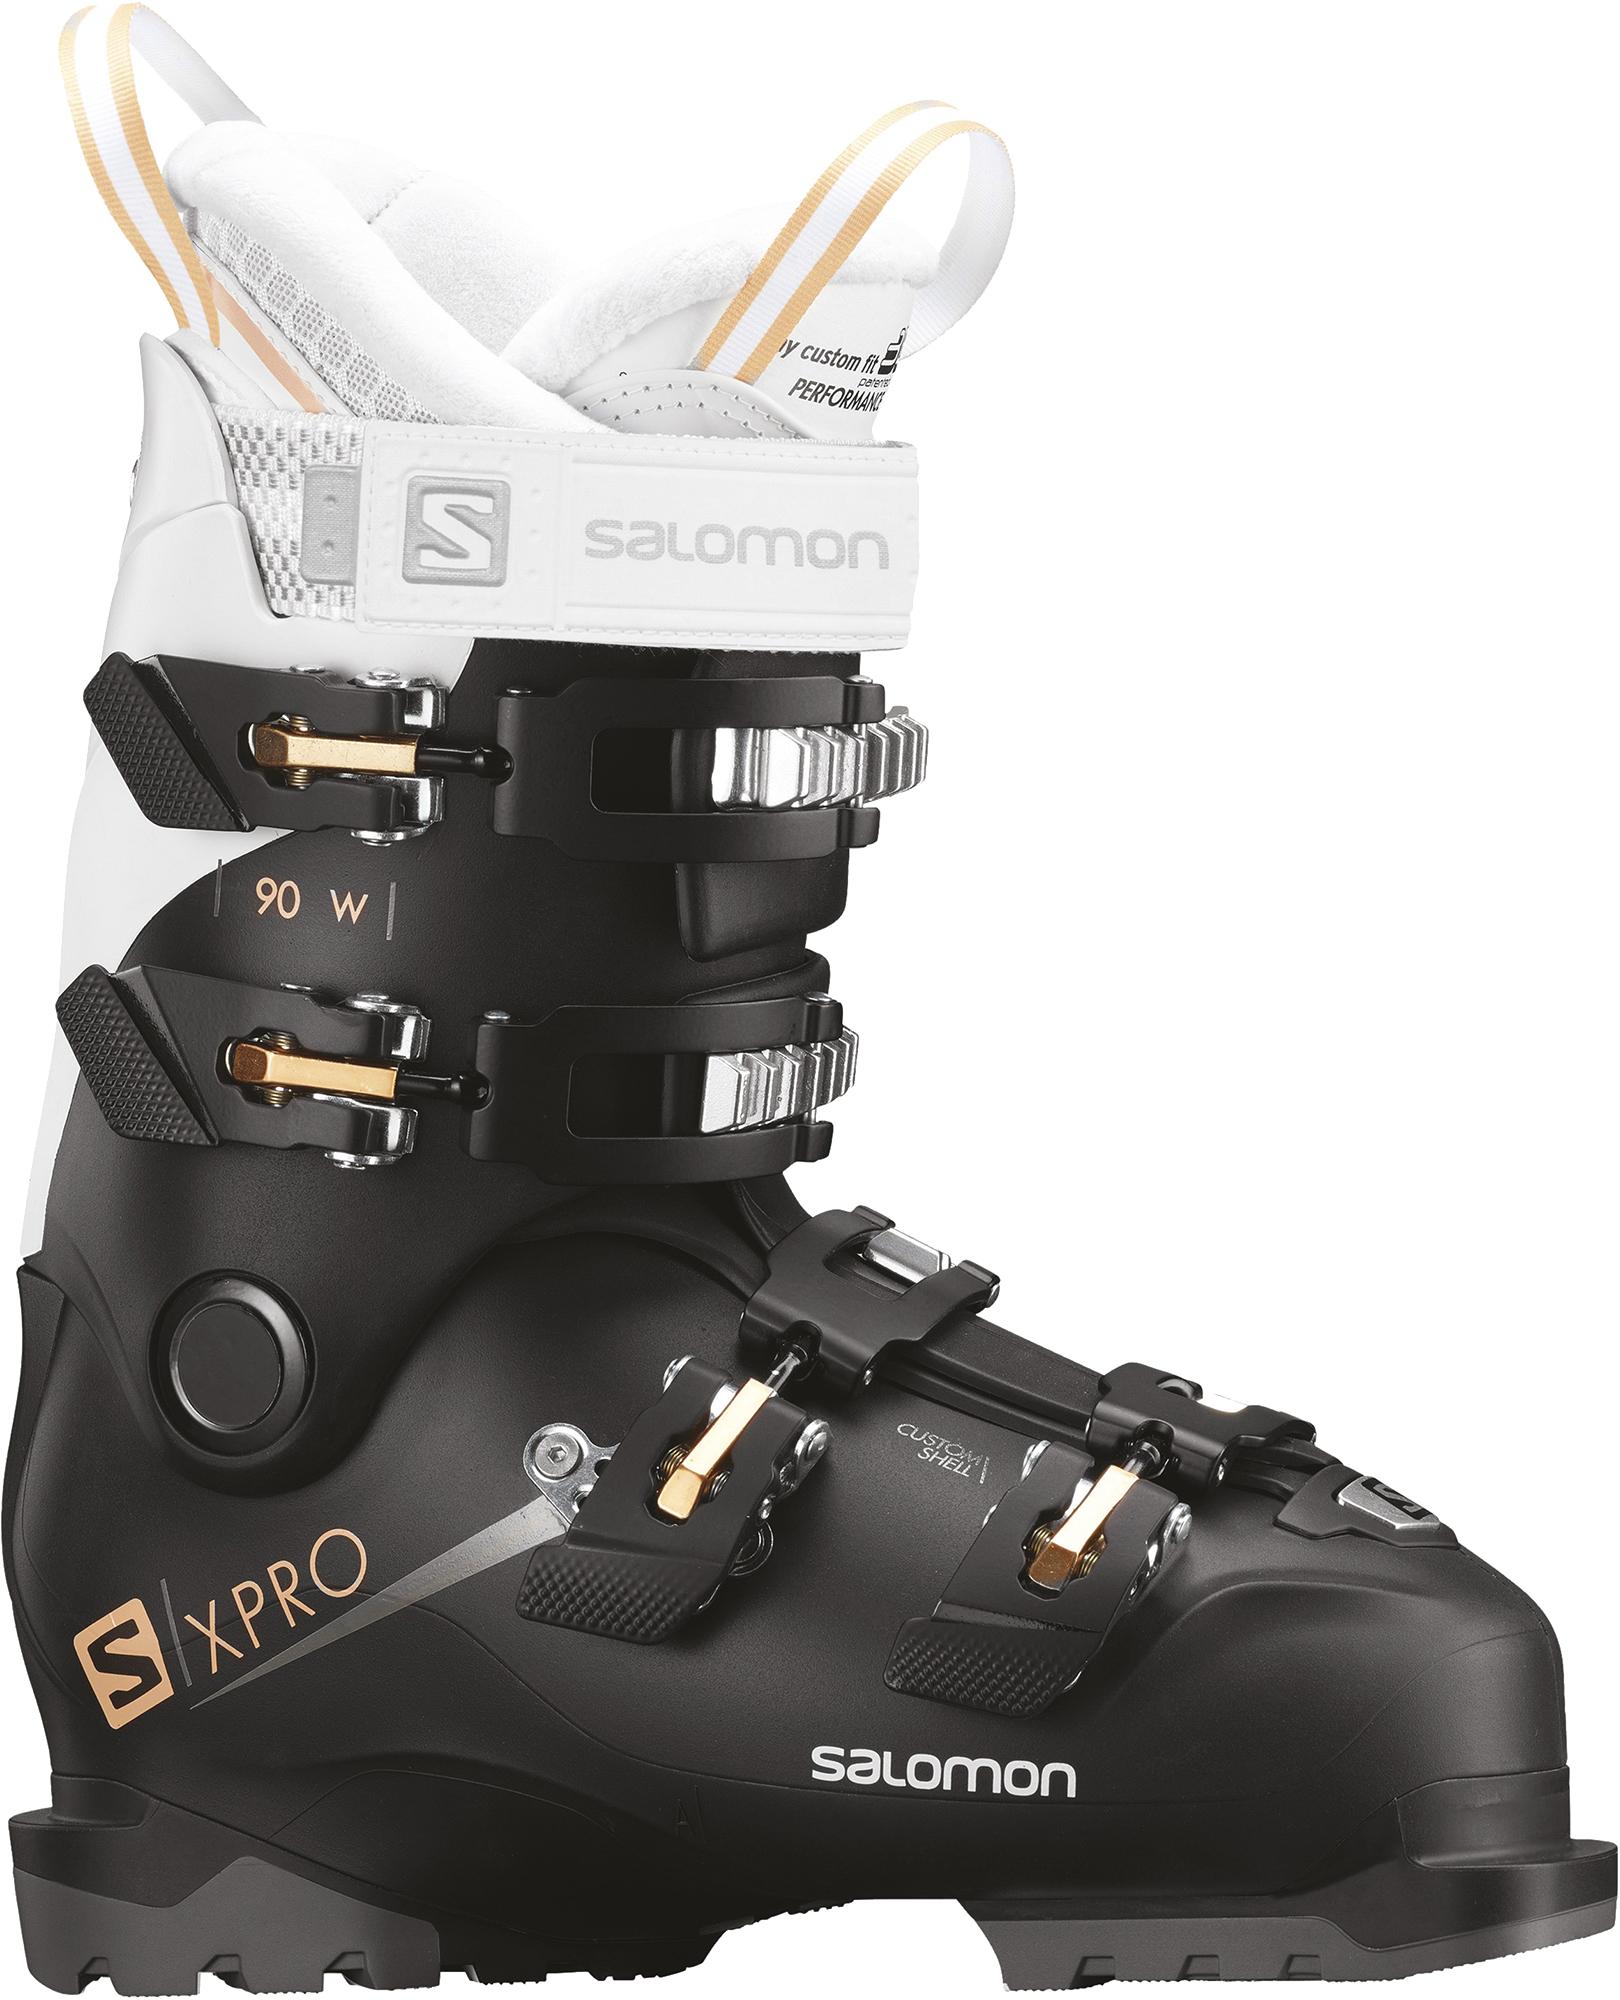 цена Salomon Ботинки горнолыжные женские Salomon X PRO 90, размер 39,5 онлайн в 2017 году